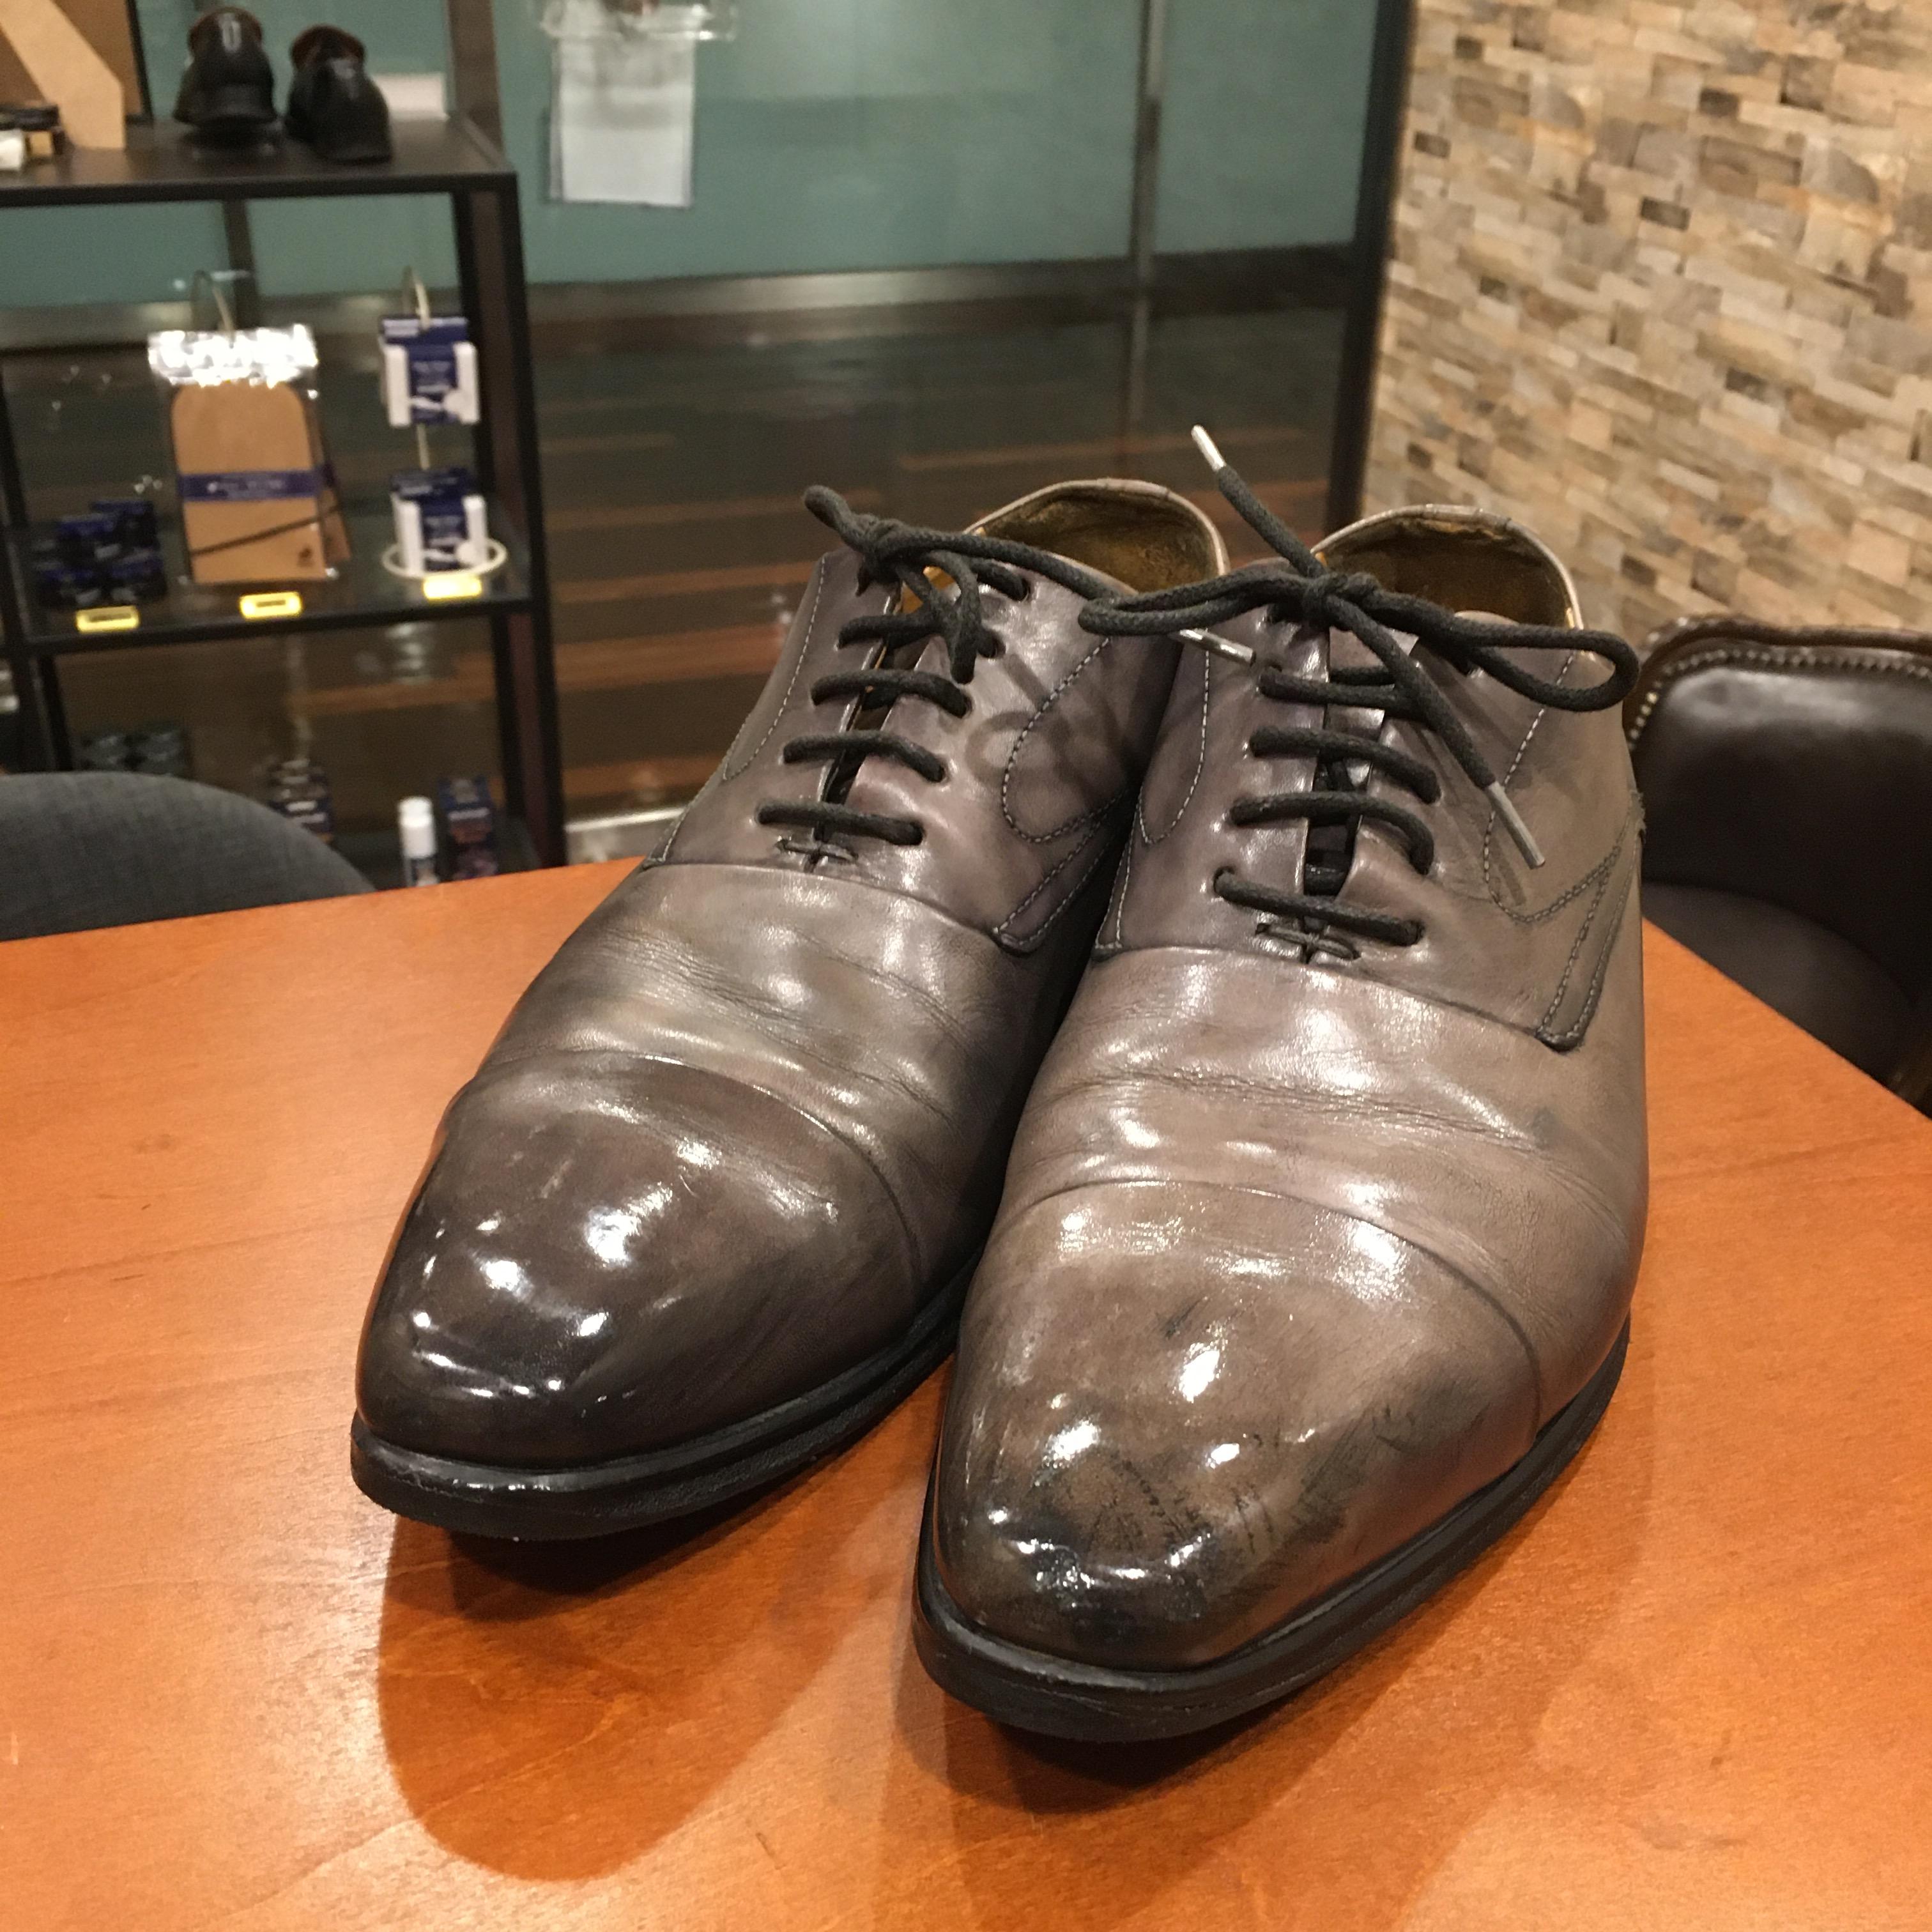 グレーの革靴に黒色のクリームを塗ってしまった!色を出来るだけ抜いて本来の色味に戻したお話